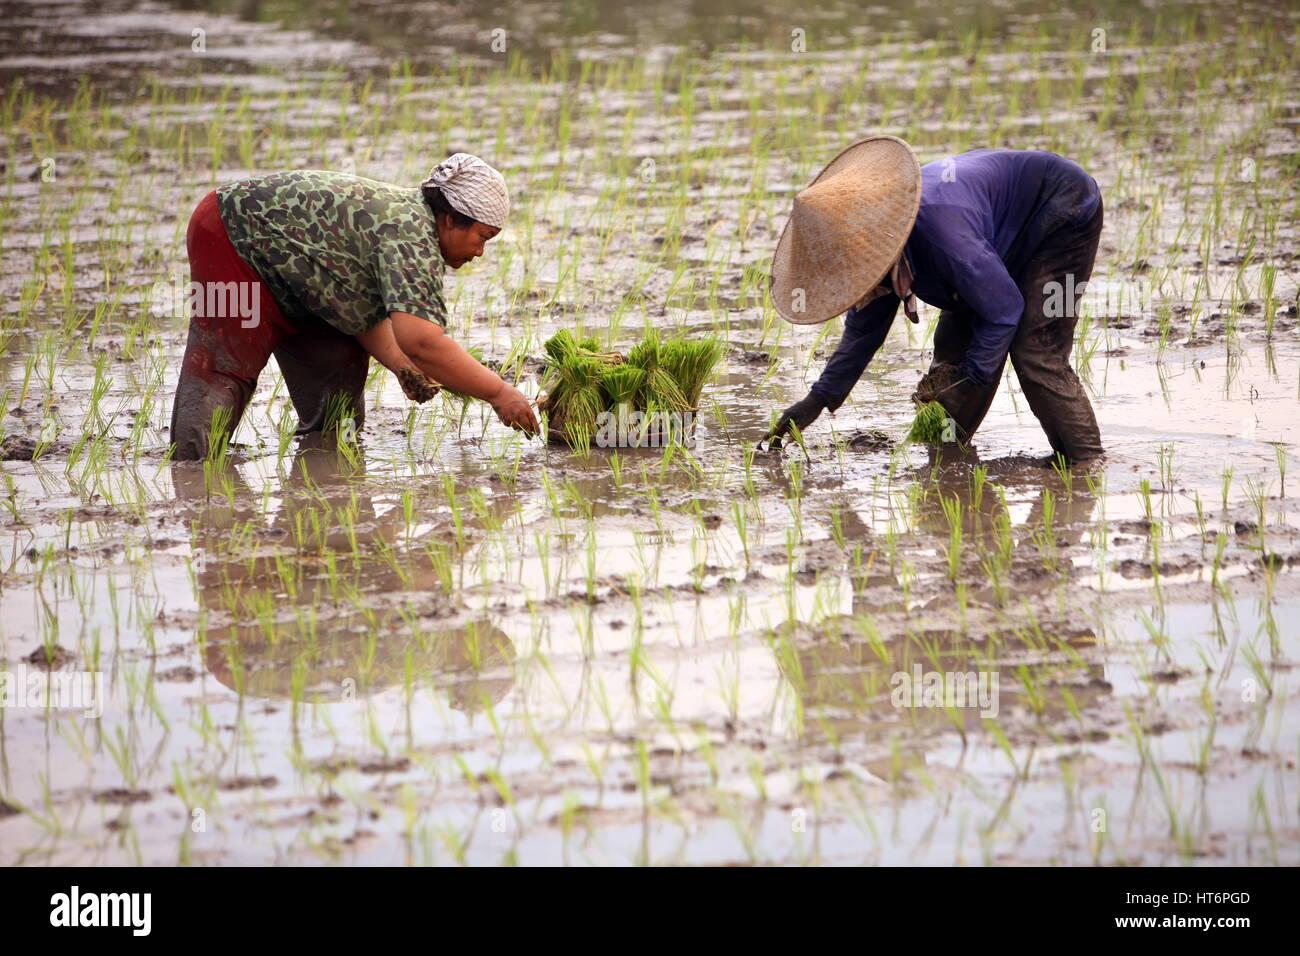 Asien, Suedost, Indonesien, Bali, Insel, Zentral Bali, Tegalalang, Reisterrassen, Arbeit, Work, Wirtschaft, Landwirtschaft, - Stock Image